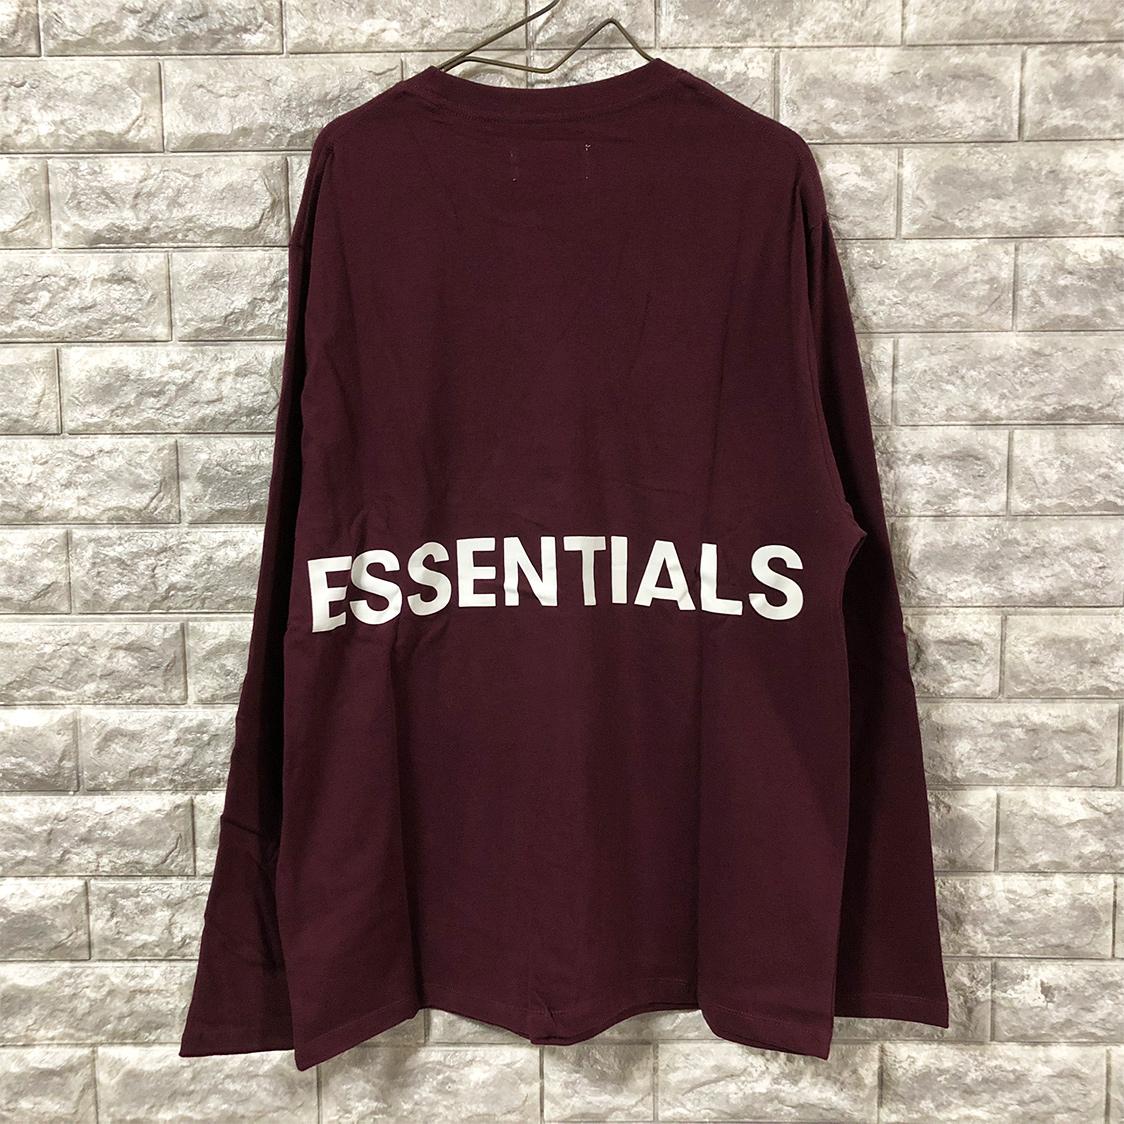 新品【Sサイズ】 FOG Fear Of God Essentials フェアオブゴッド エッセンシャルズ LOGO TEE ロングTシャツ ロンT えんじ エッセンシャル